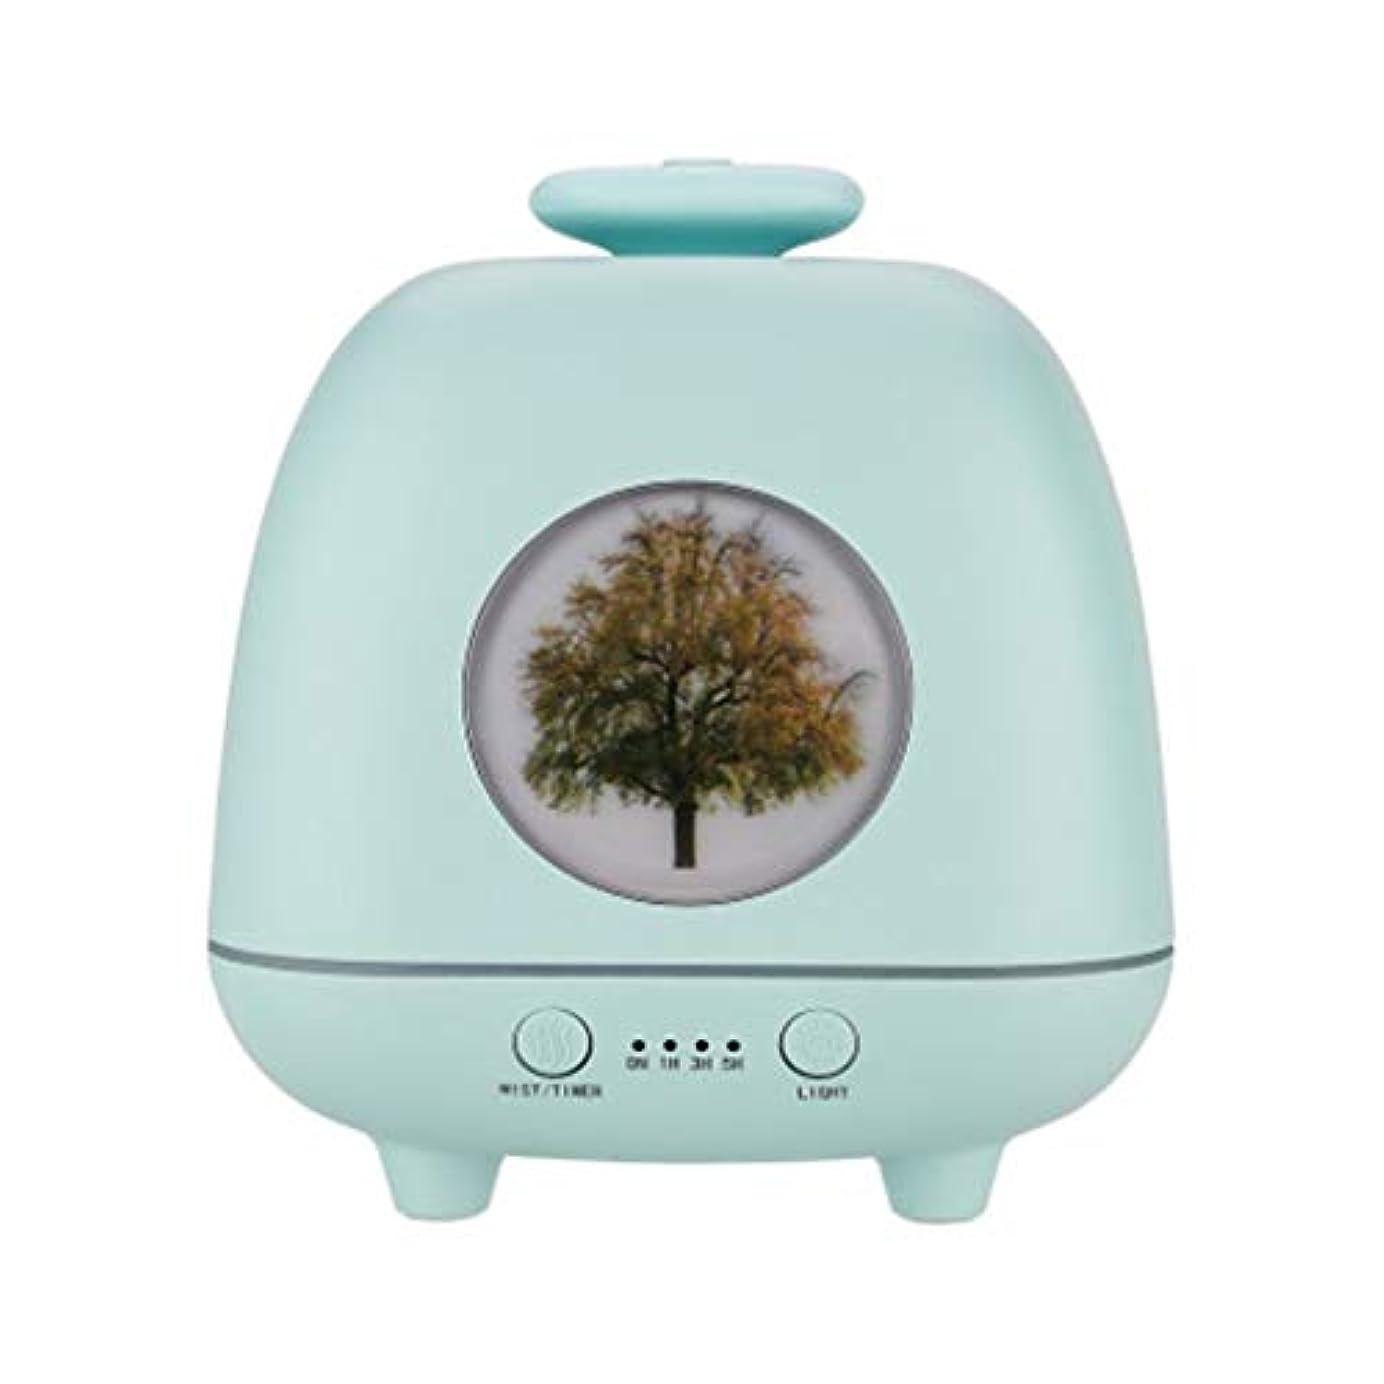 キャンセル干し草素子超音波ホームデスクトップクリエイティブ雰囲気ナイトライト加湿器寝室の赤ちゃん女性の家の装飾 (Color : Green)